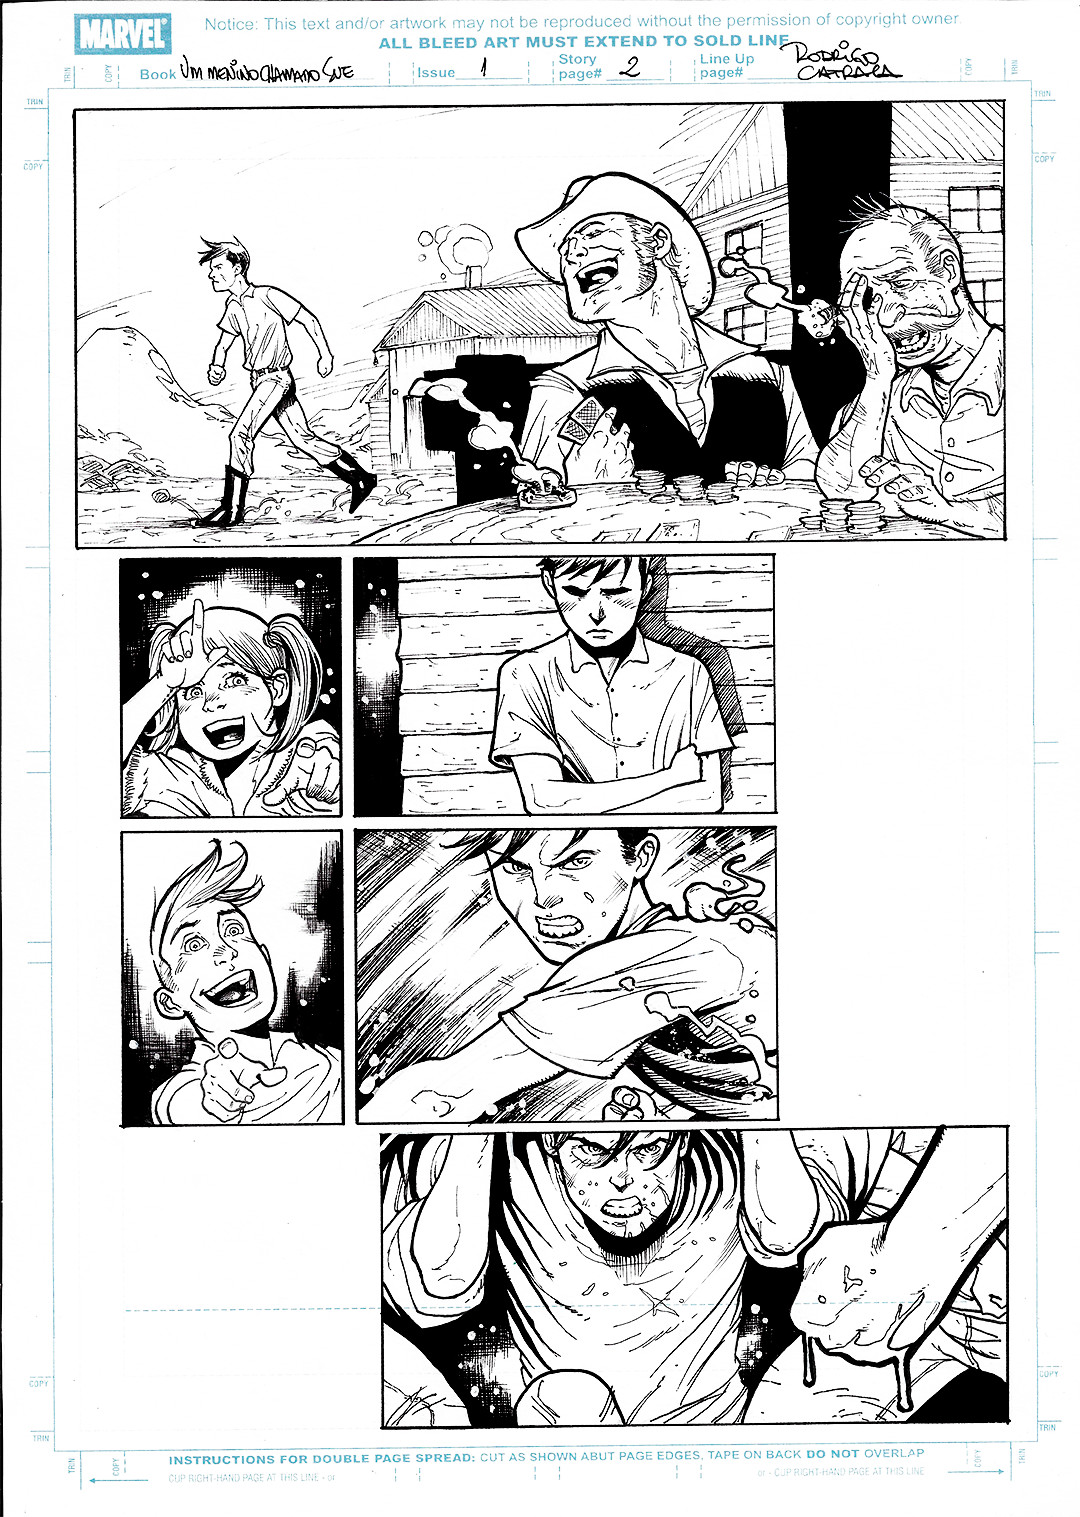 Rodrigo catraca sue pg 2